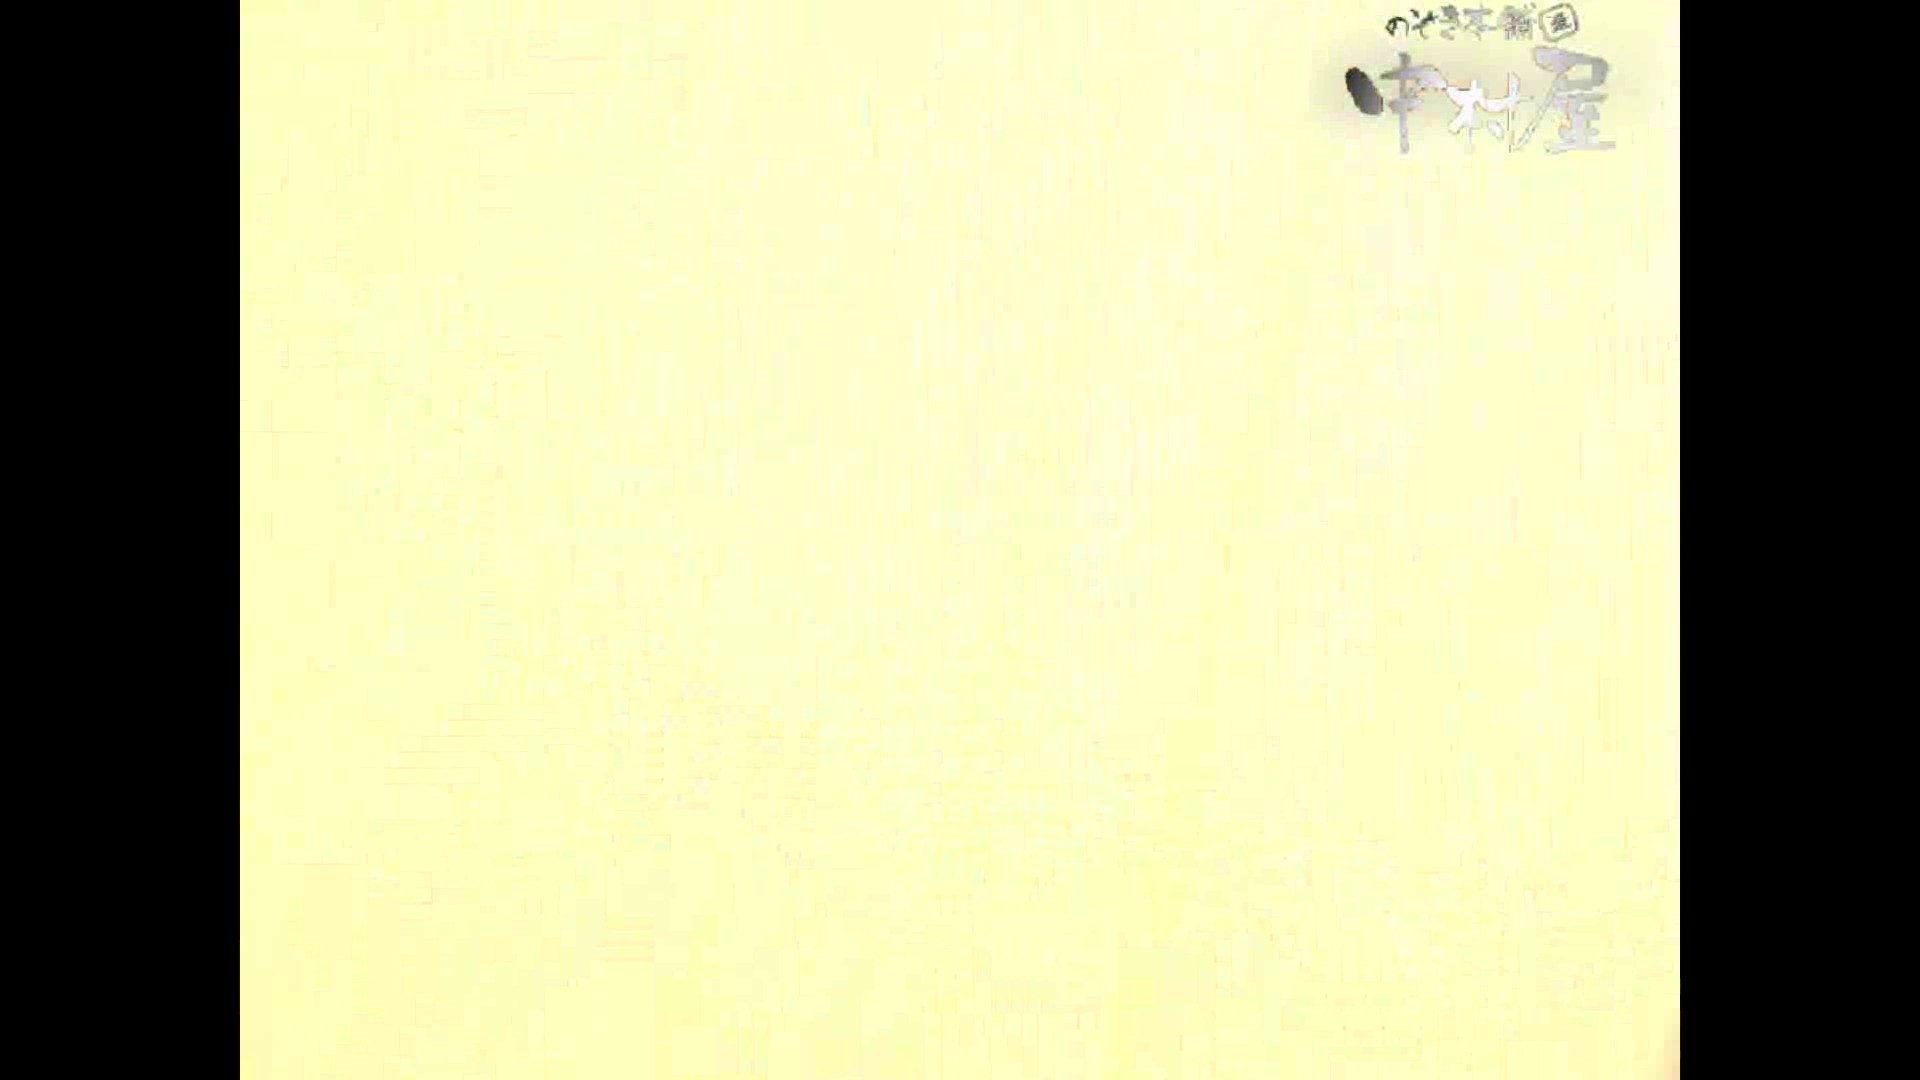 岩手県在住盗撮師盗撮記録vol.05 マンコ | 排泄  81pic 69